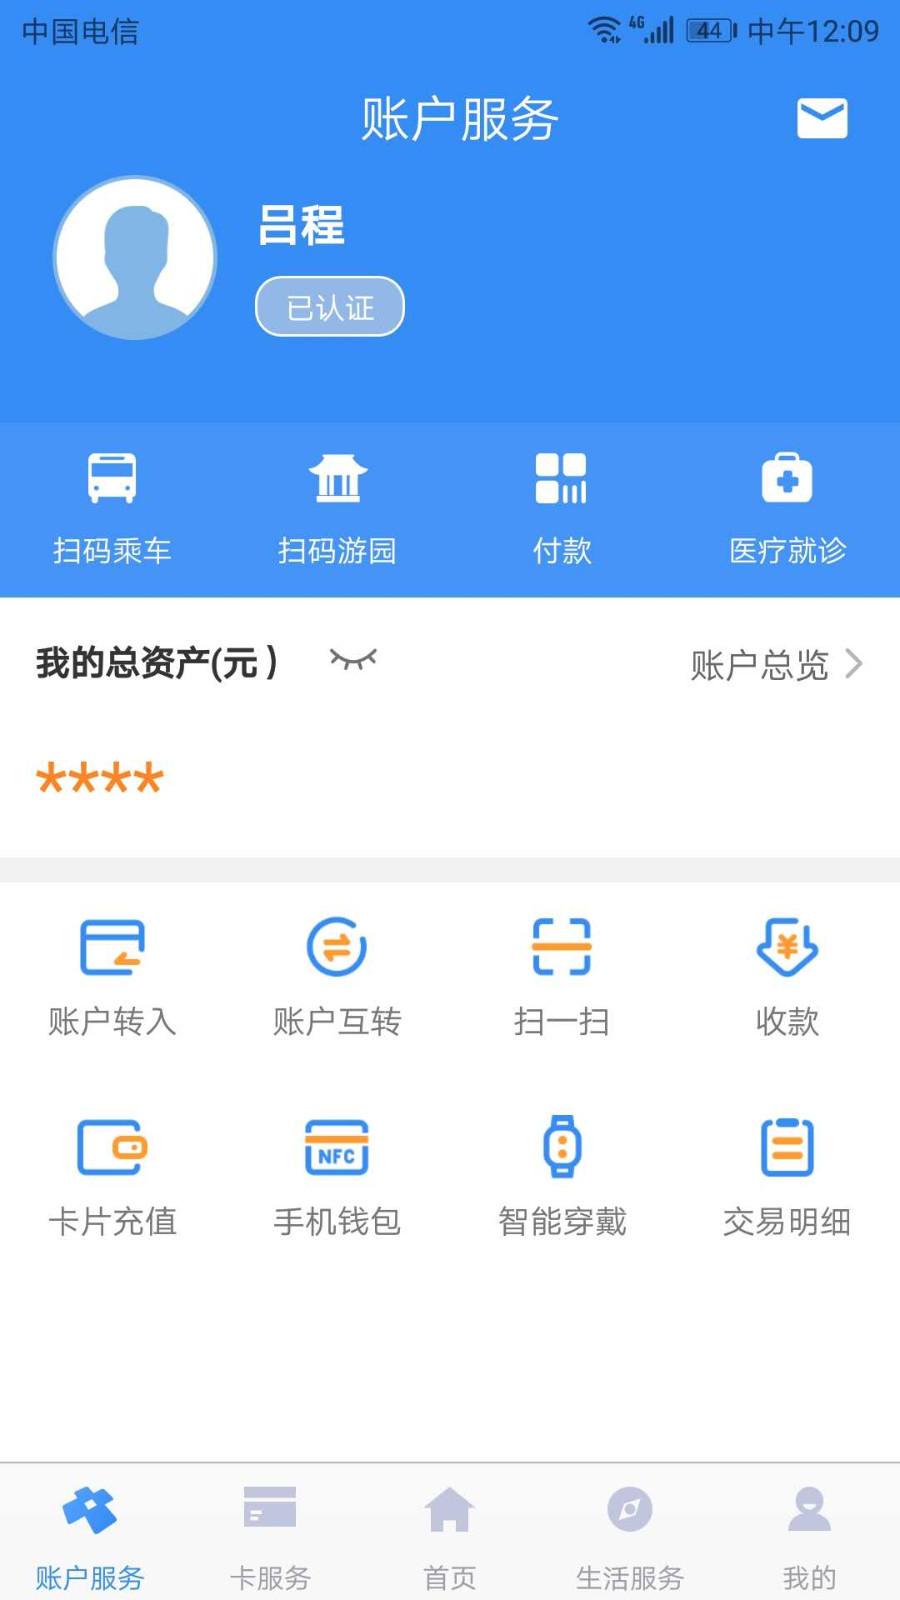 智汇市民卡 V3.4.1 安卓版截图3